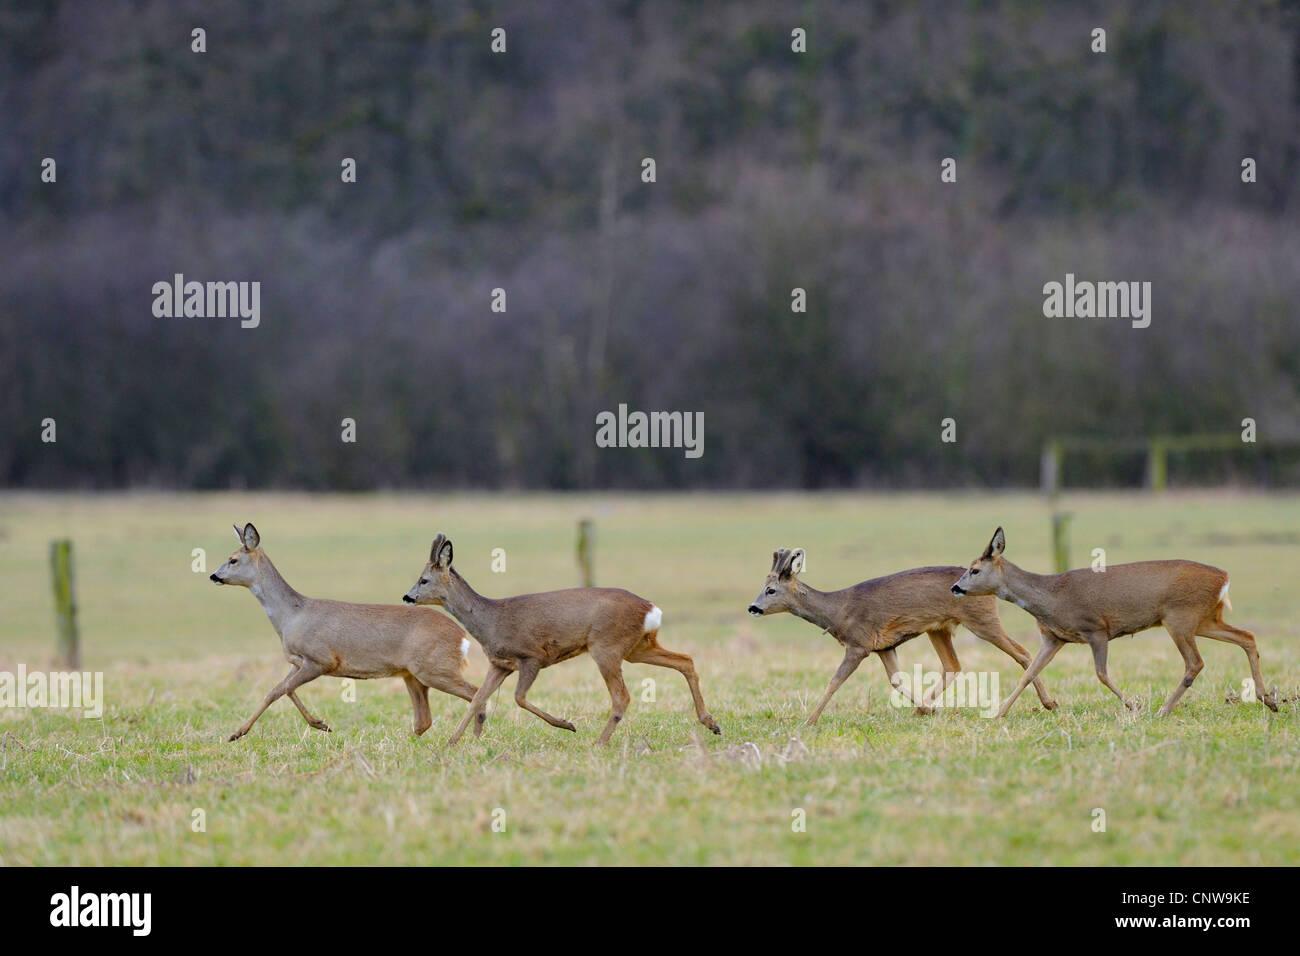 Le chevreuil (Capreolus capreolus), pack crossing un pré, Allemagne Photo Stock